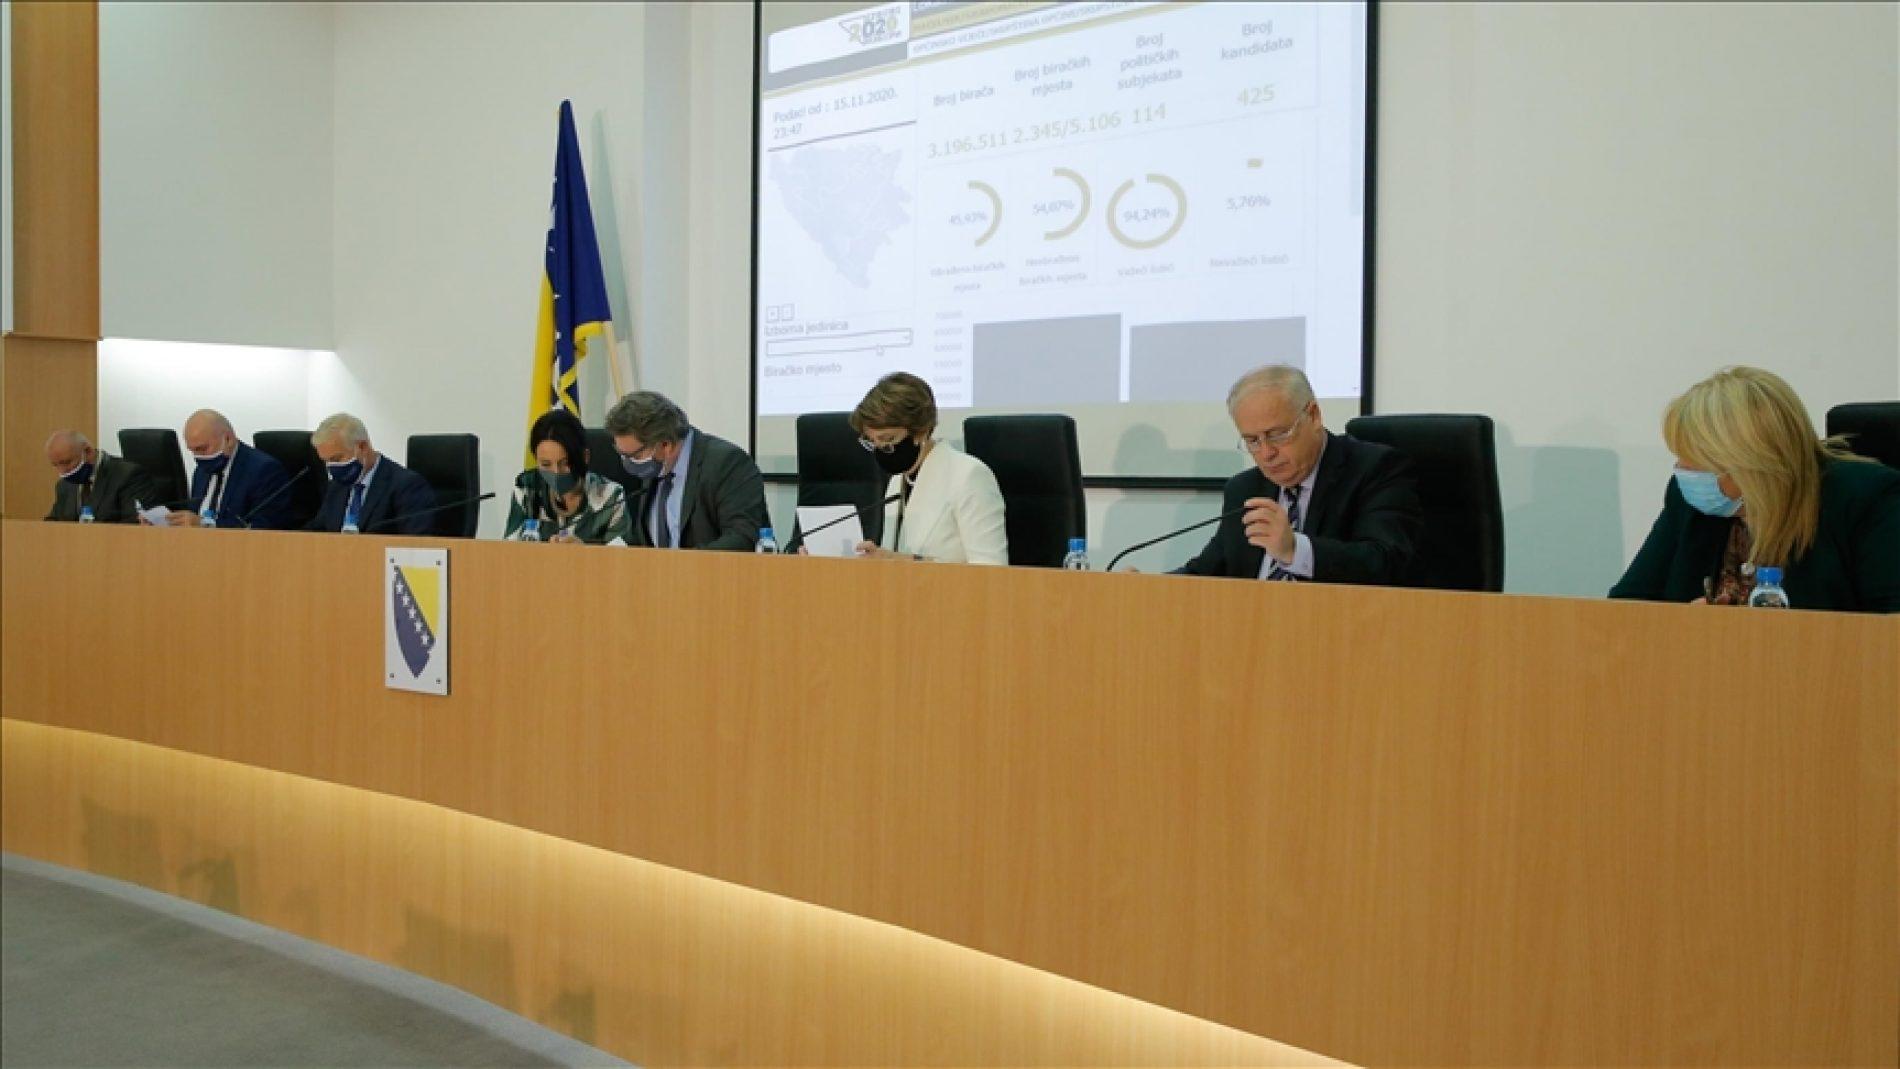 Utvrđeni rezultati lokalnih izbora 2020. godine, osim za Srebrenicu i Doboj